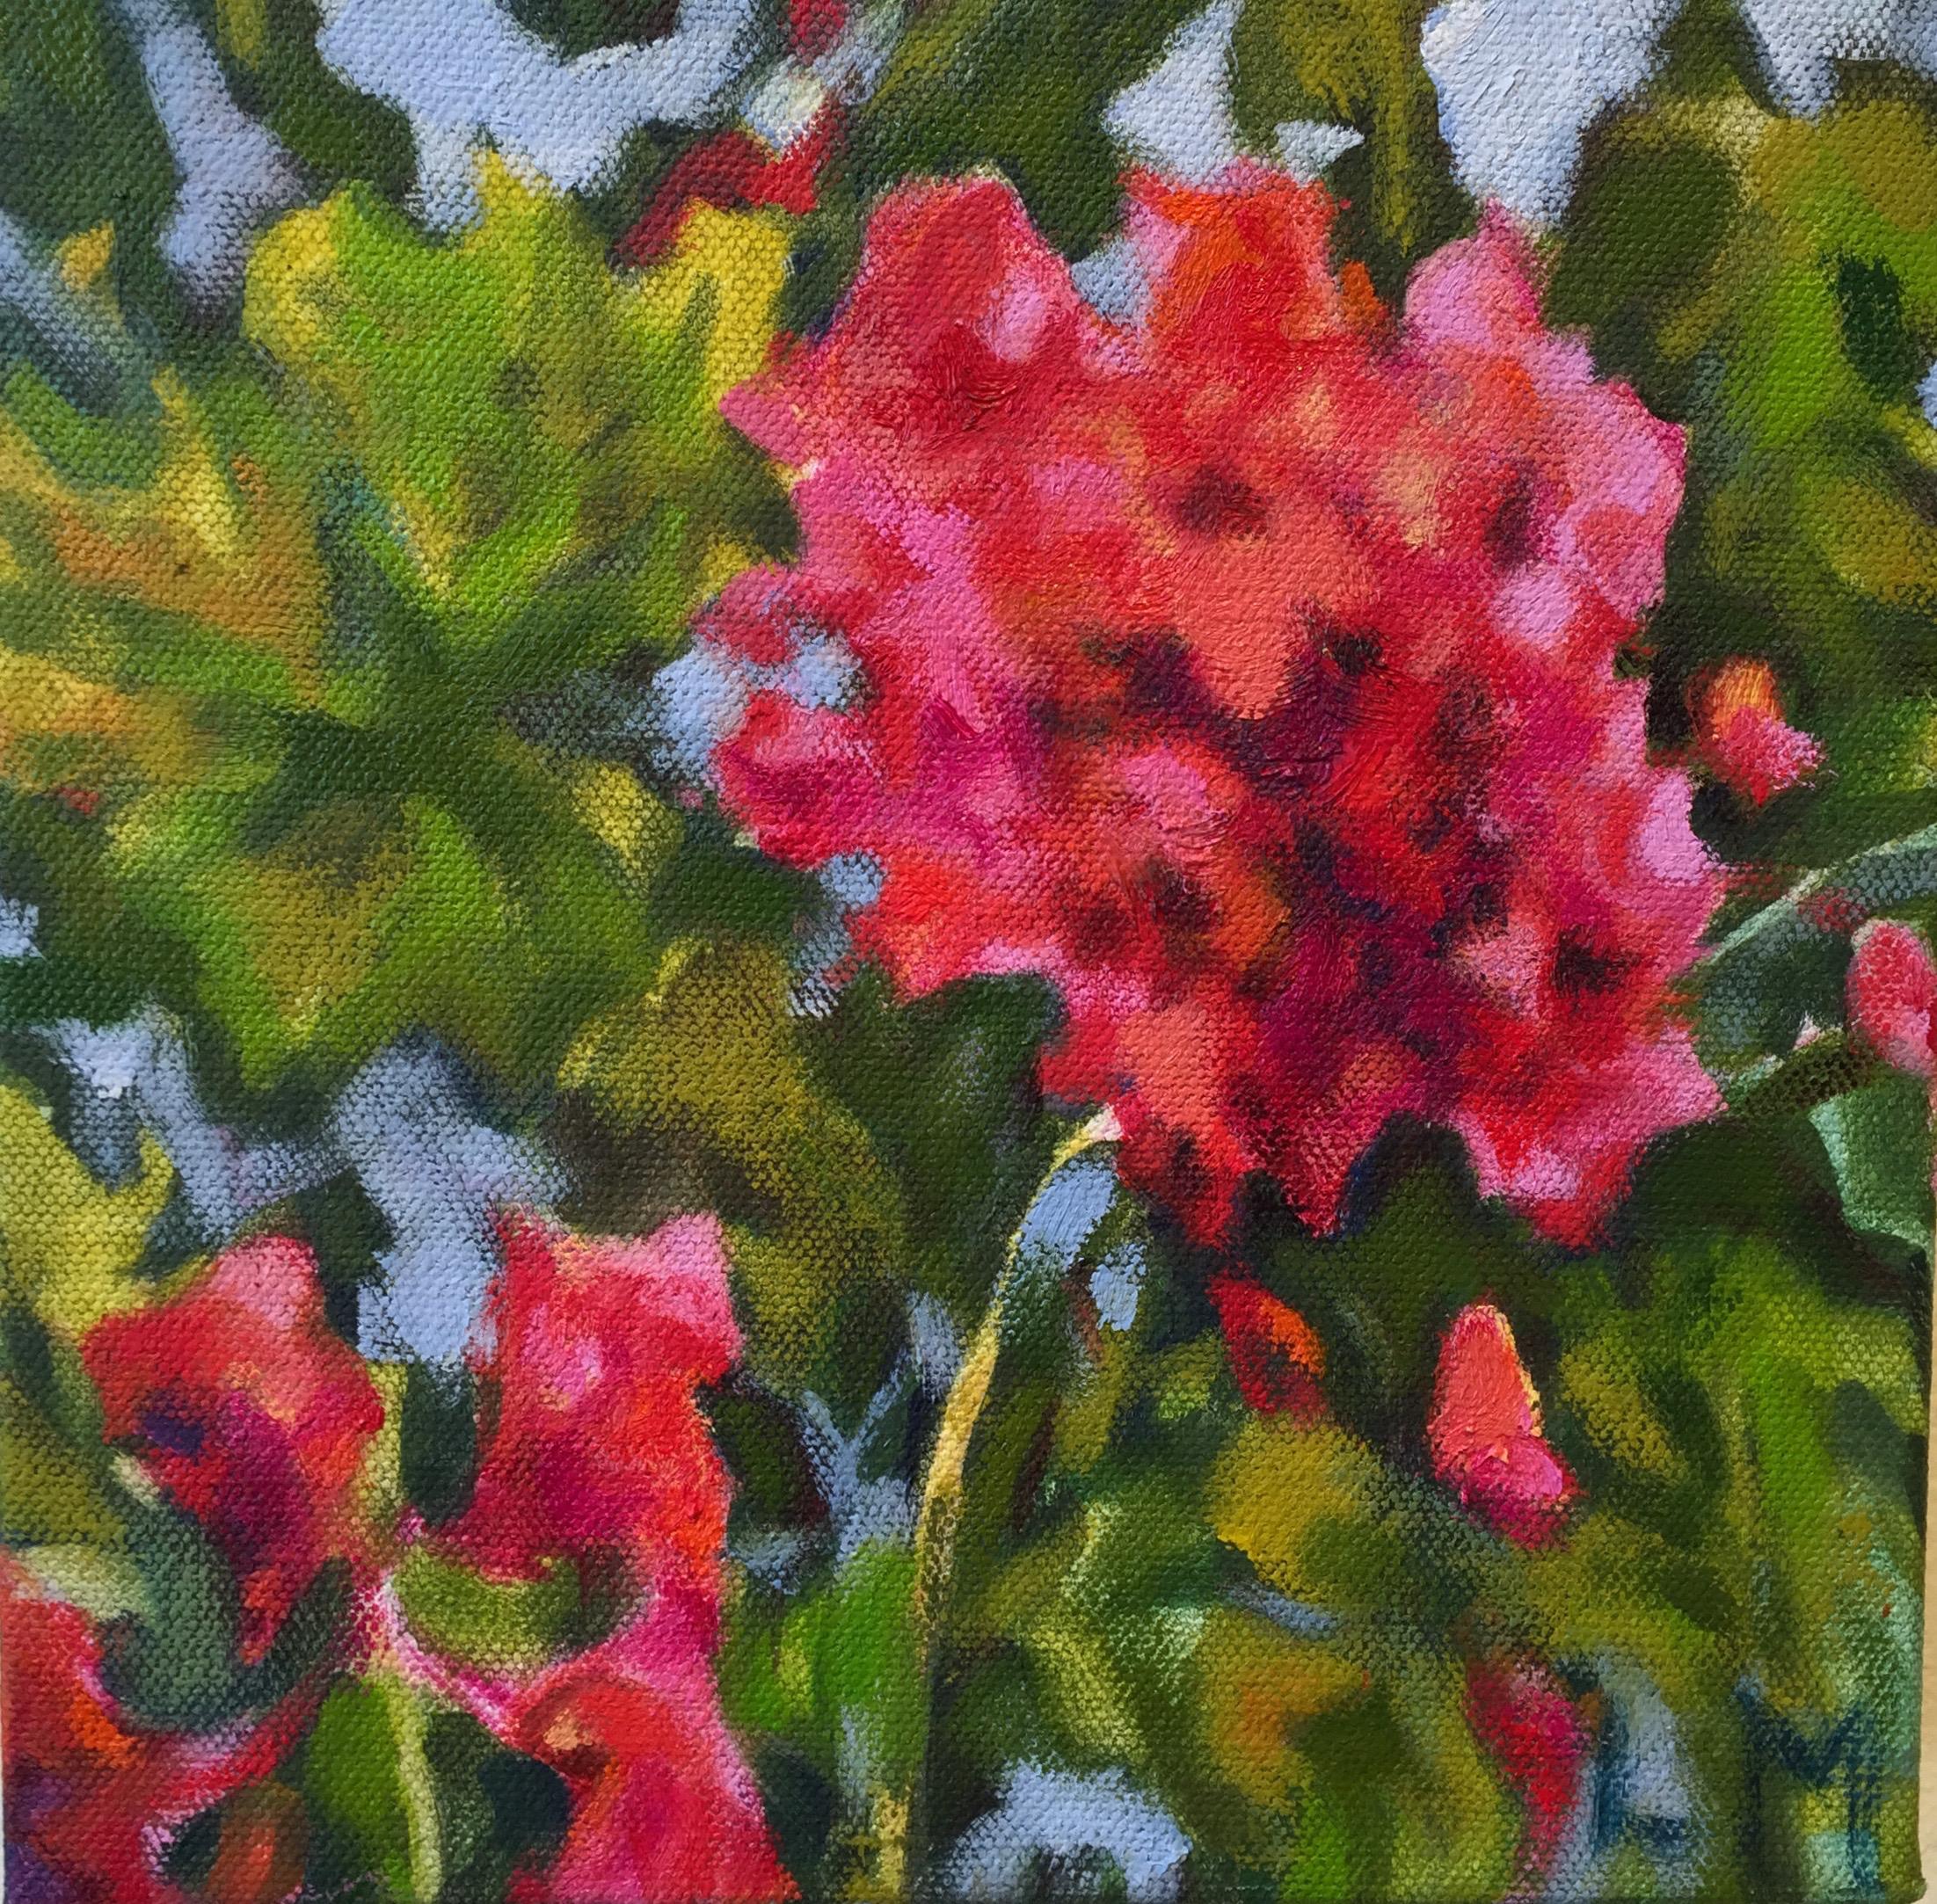 Red Geranium, oil, 8 x 8